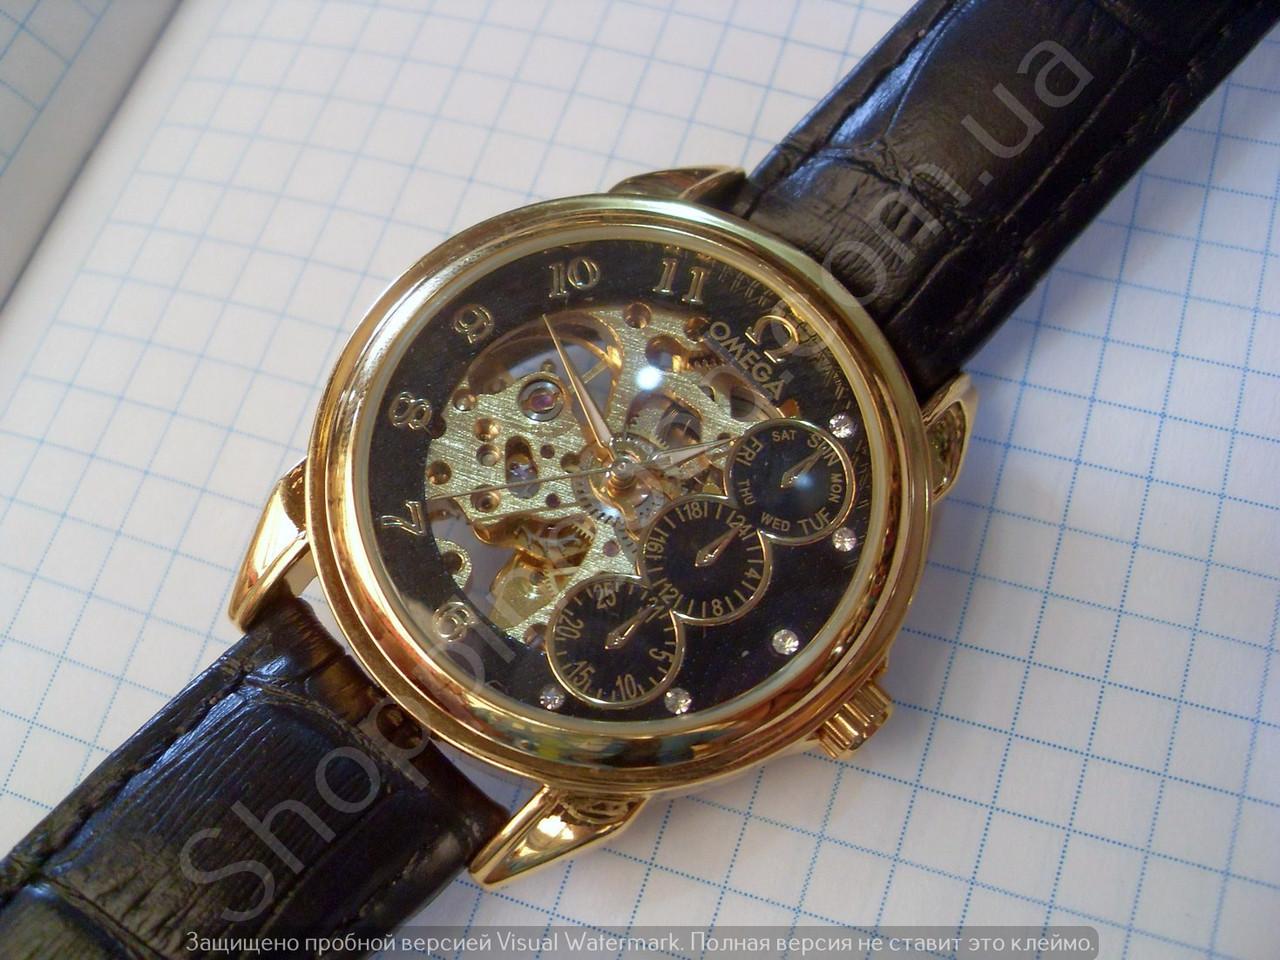 c15e0f5e326406 Часы Omega 114357 мужские механические черные с золотом автоподзавод  скелетон копия - Shoppingood в Харькове